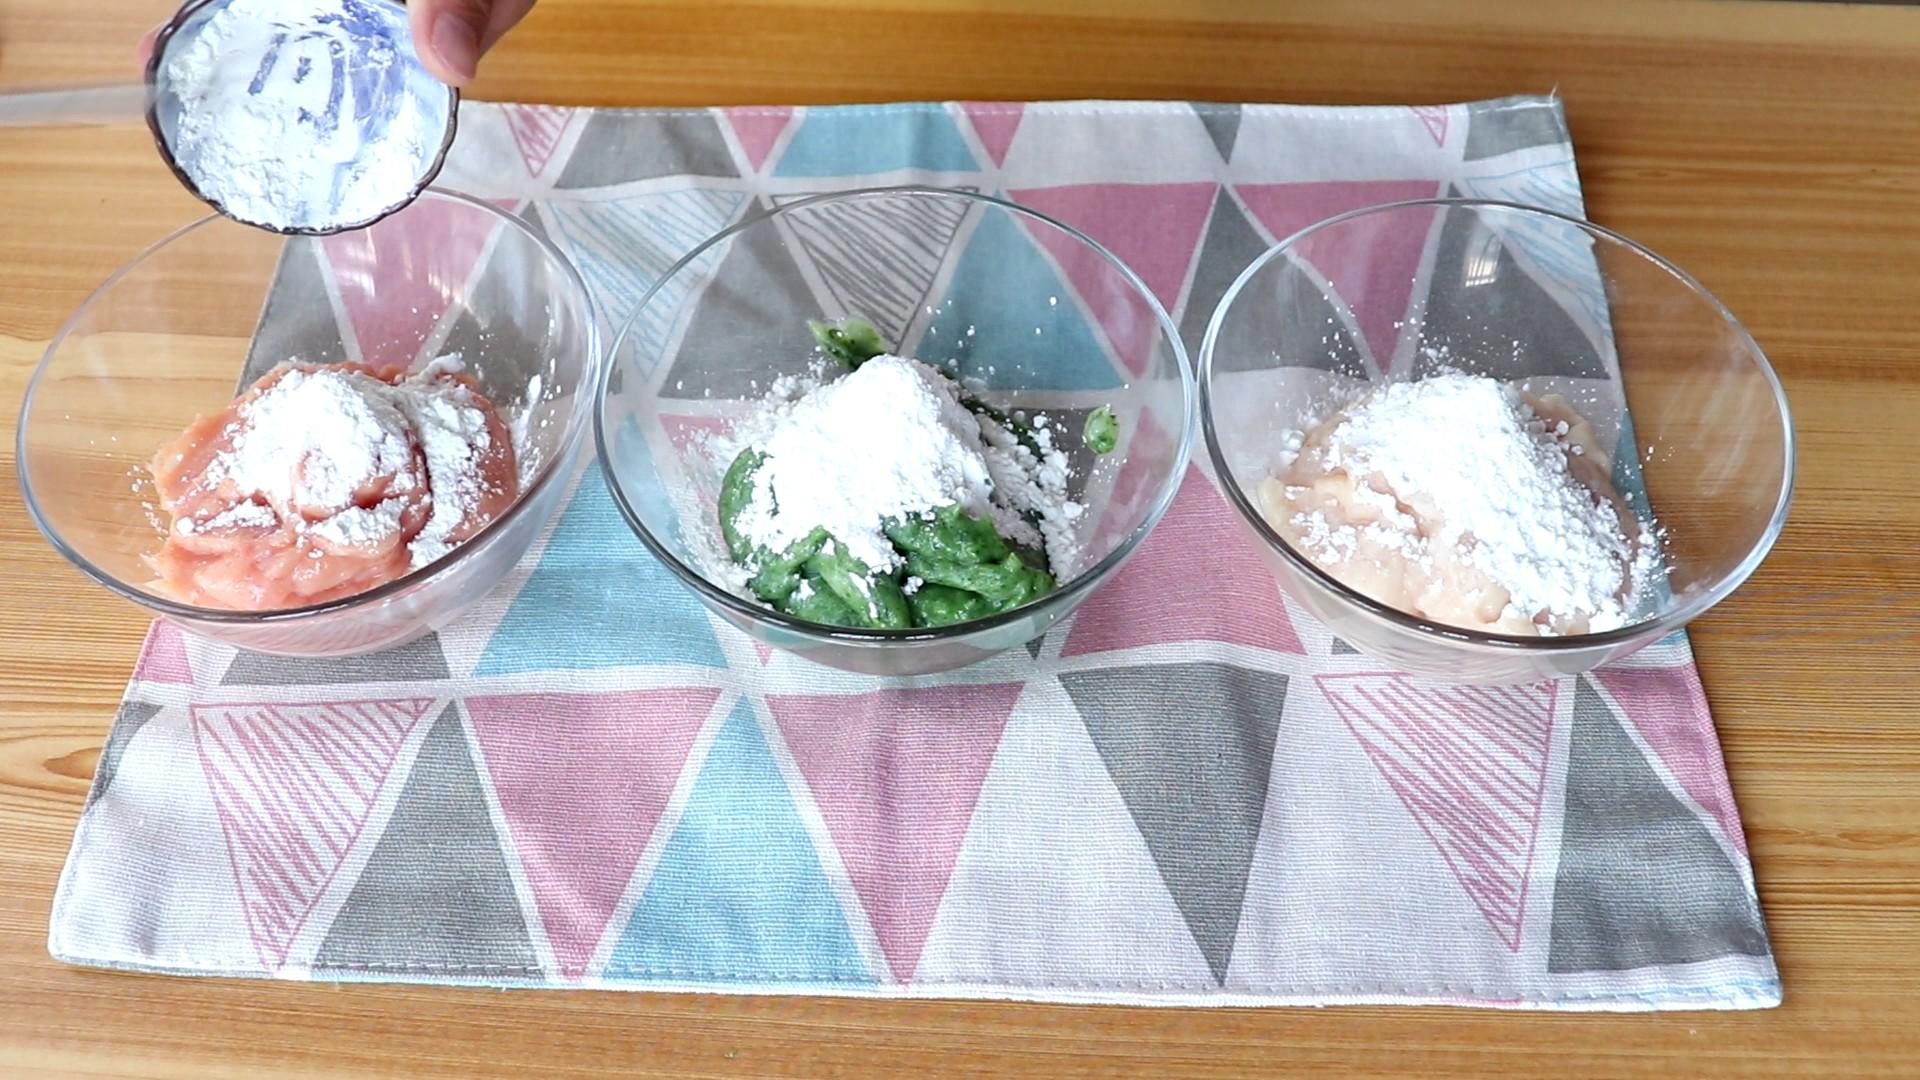 多彩小丸子,胡萝卜肉泥、白萝卜肉泥、菠菜肉泥中分别加5g、10g、10g玉米淀粉</p> <p>           </p> <p>        另外提醒大家煮好的胡萝卜和白萝卜以及菠菜焯水后沥干水分哦!</p> <p>